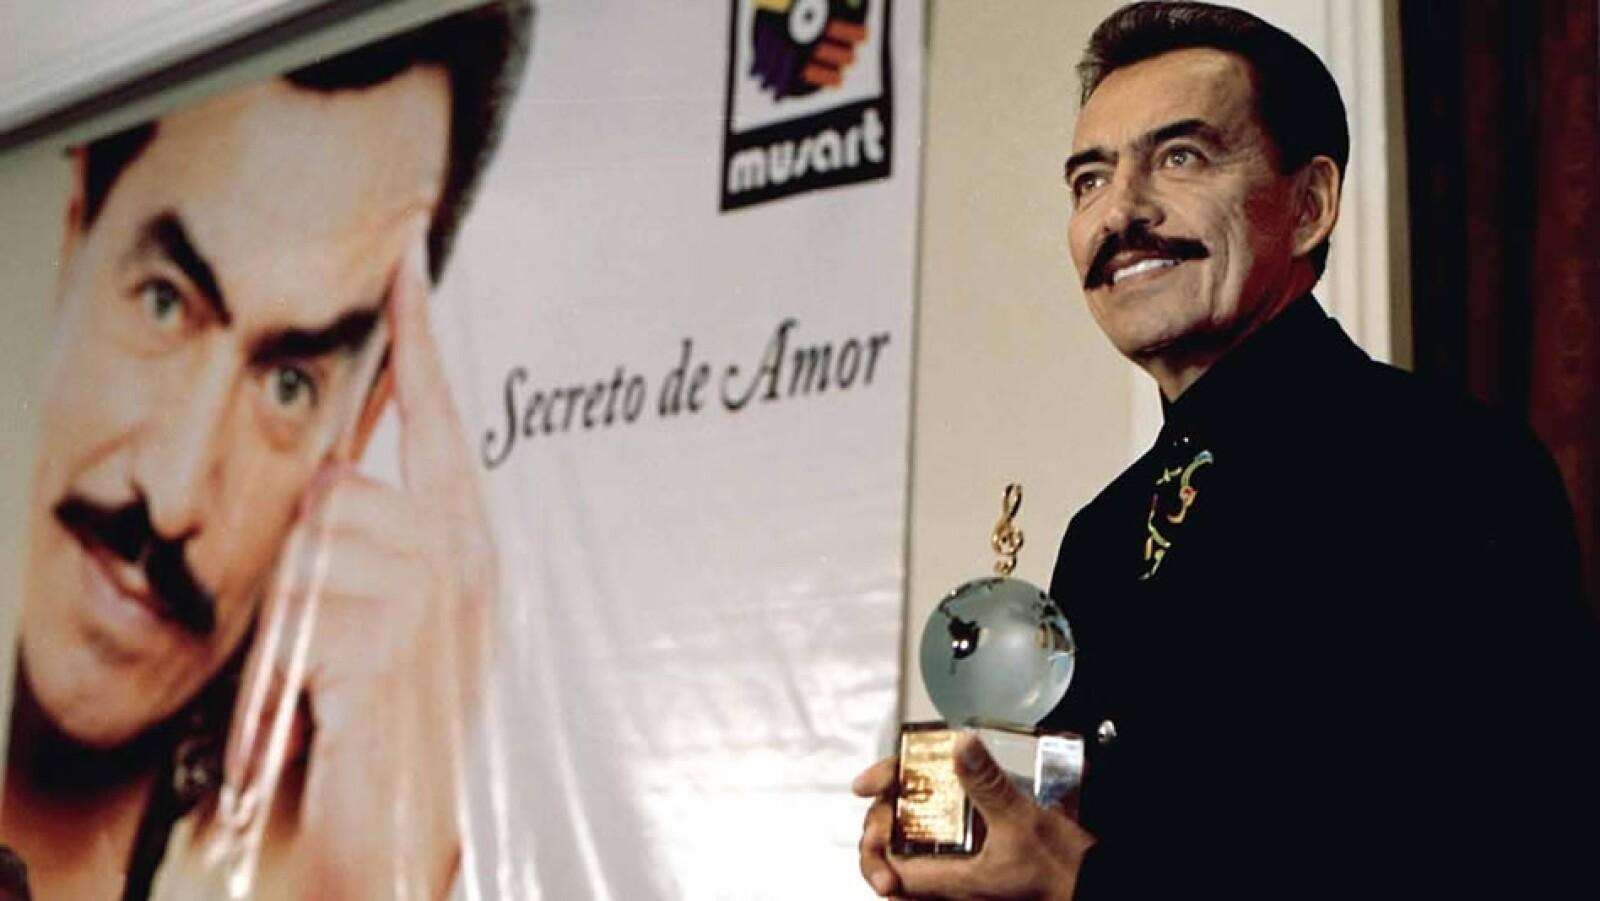 Durante su larga trayectoria recibió reconocimientos de la industria de la música, como este al momento de presentar su disco en 2000